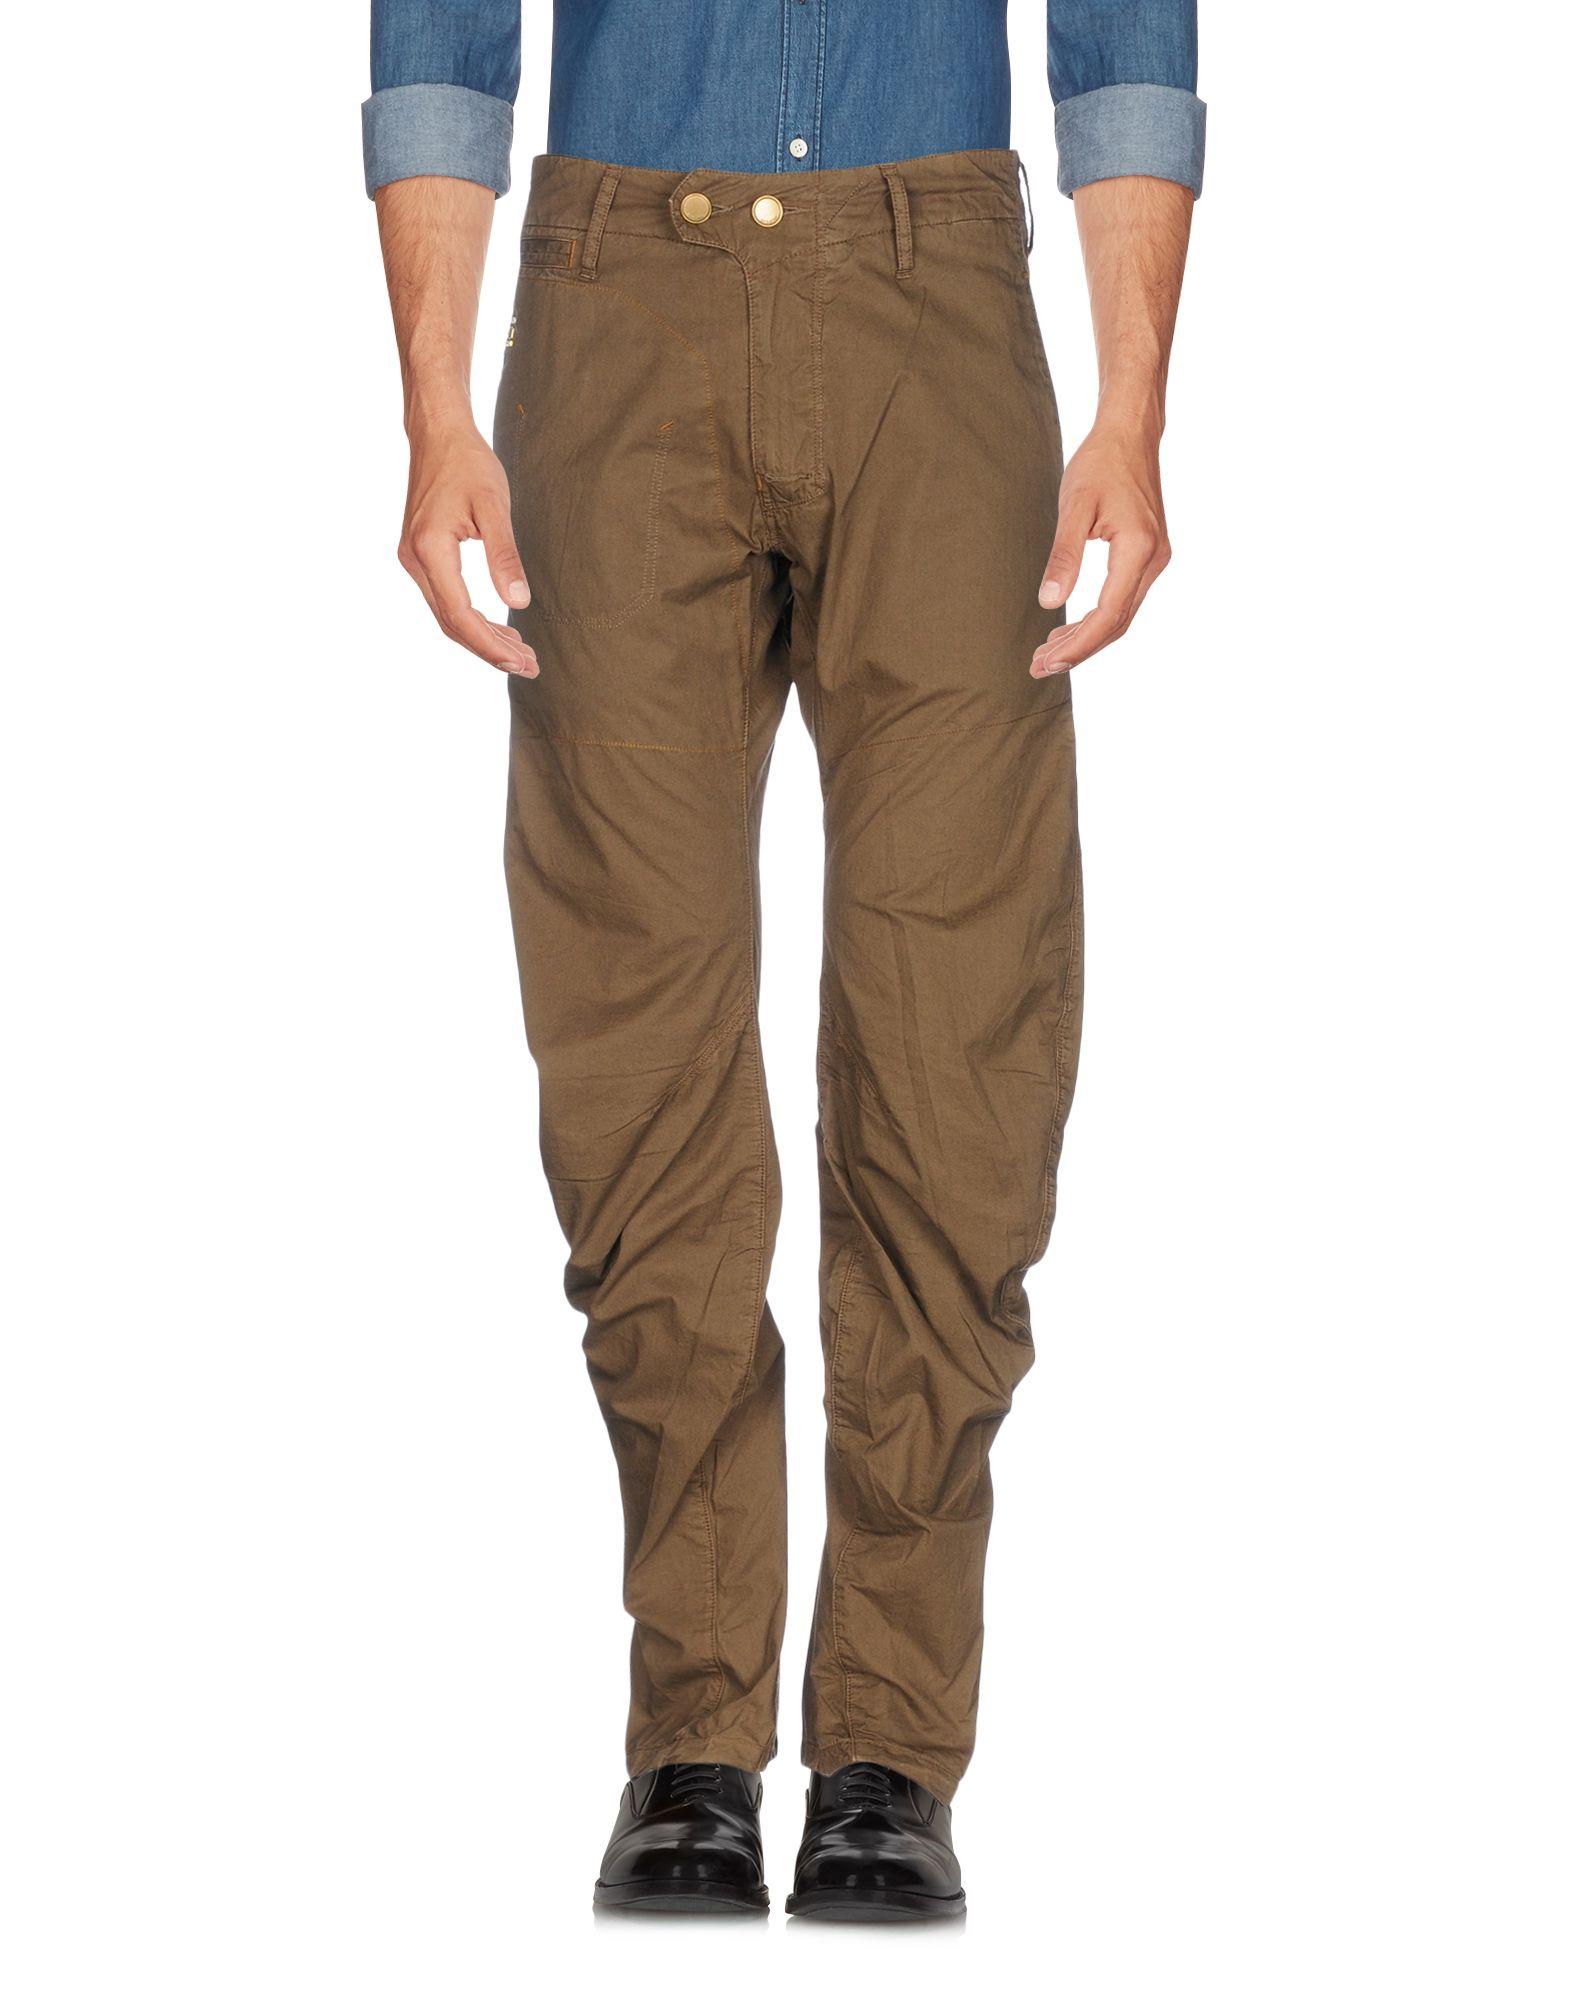 RAW CORRECT LINE by G-STAR Повседневные брюки джинсы мужские g star raw 604046 gs g star arc